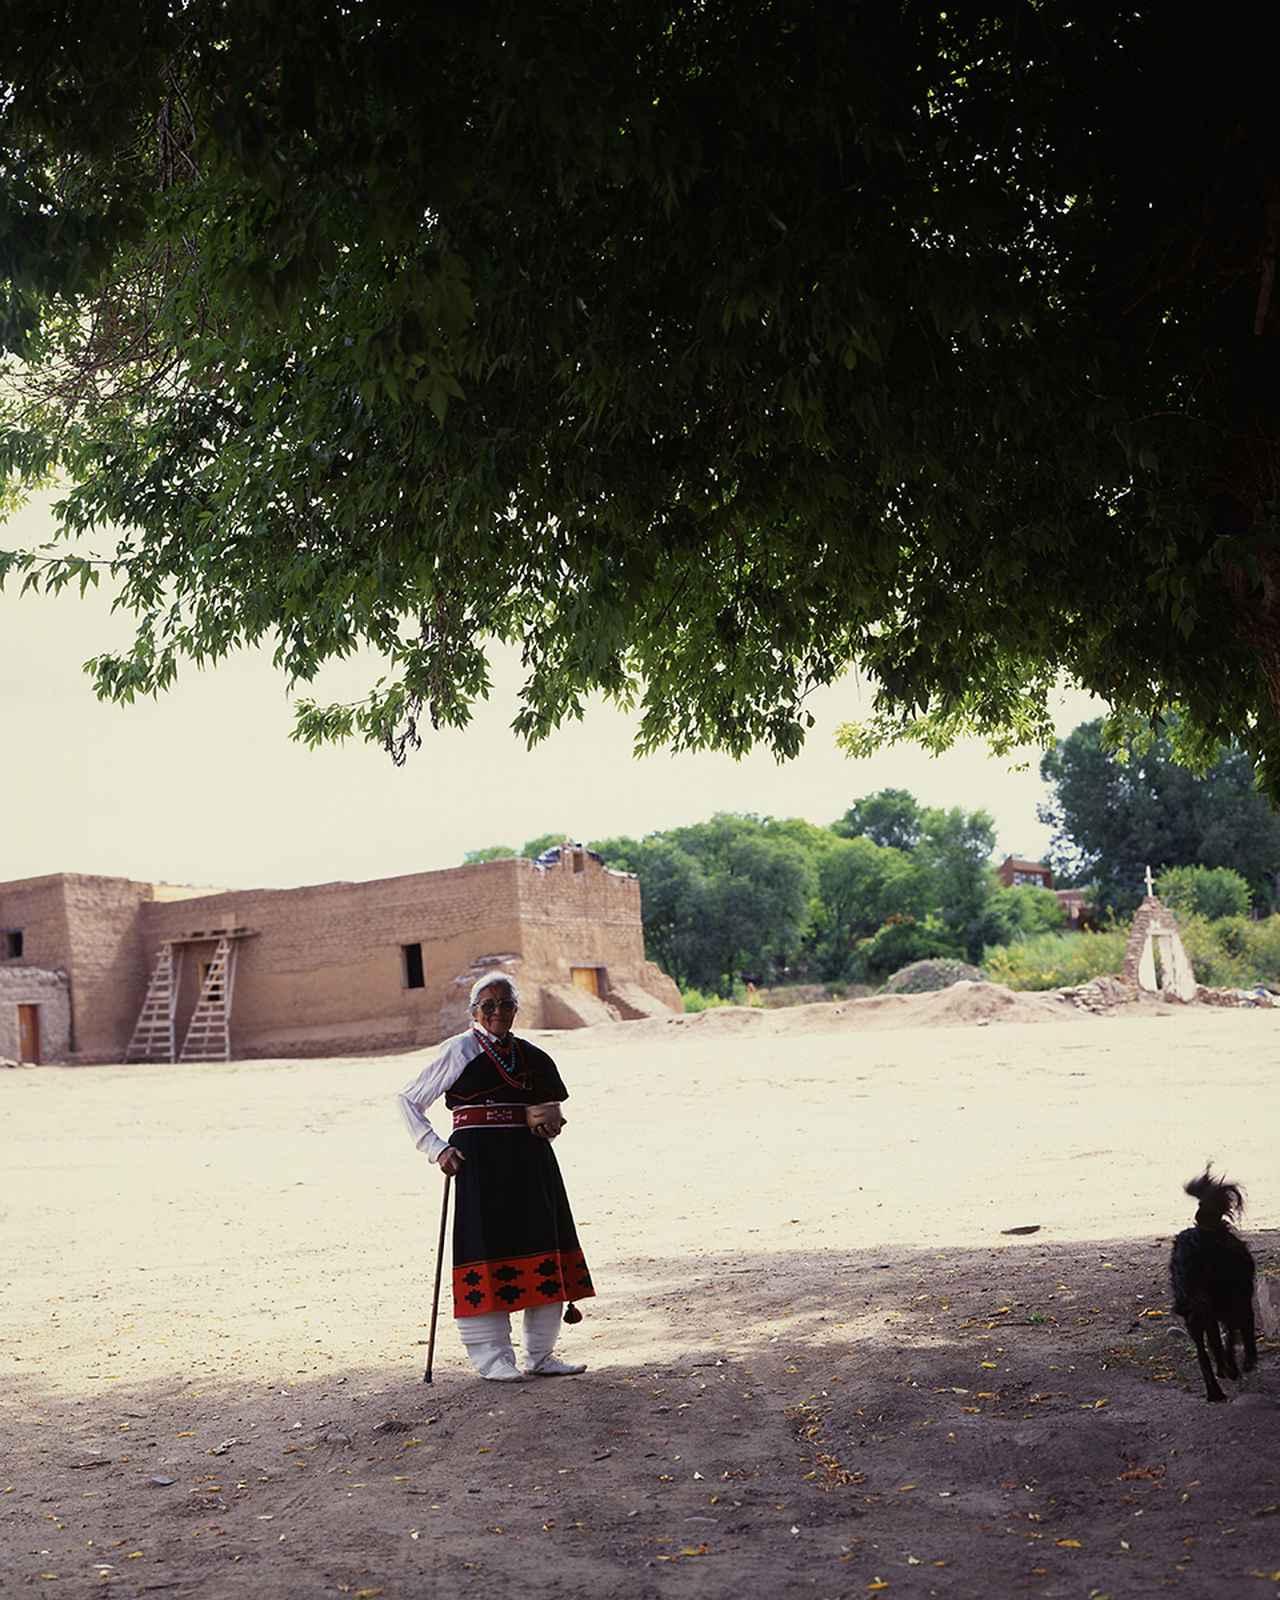 Images : 3番目の画像 - 「私的な旅遺産<Vol.7> プエブロ・インディアンの村 〜マザーアースの土器」のアルバム - T JAPAN:The New York Times Style Magazine 公式サイト